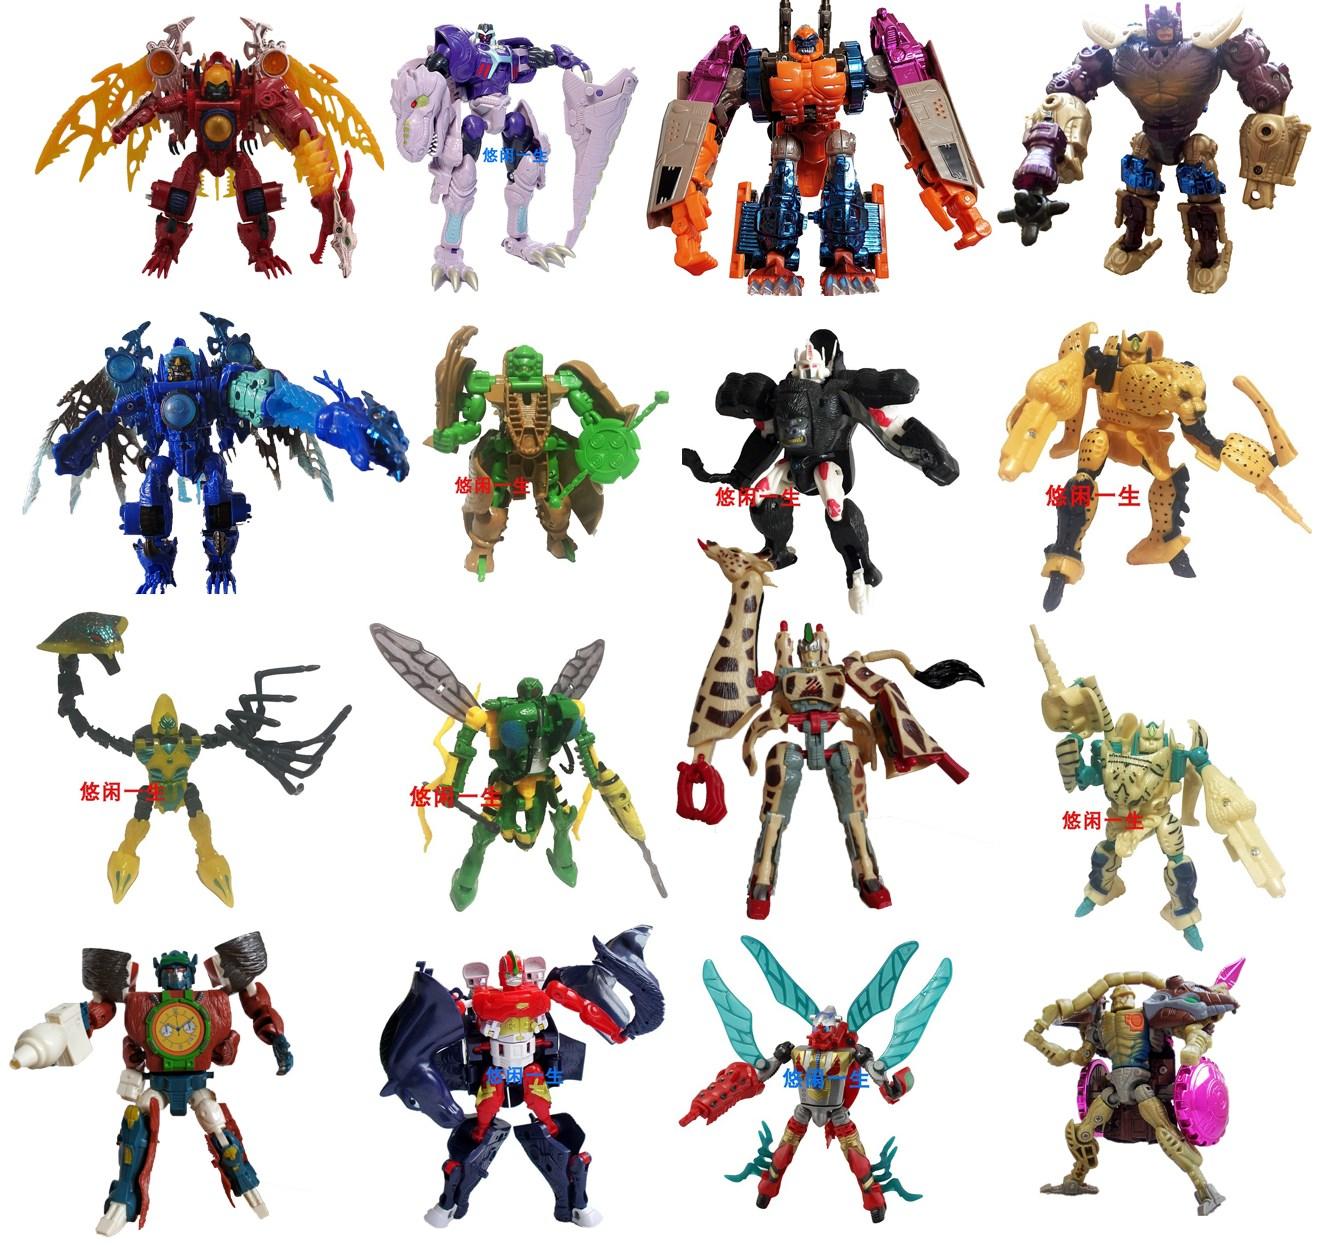 。猛兽玩具金刚金属侠猩猩bw勇士变体霸王龙超能祖国变形版